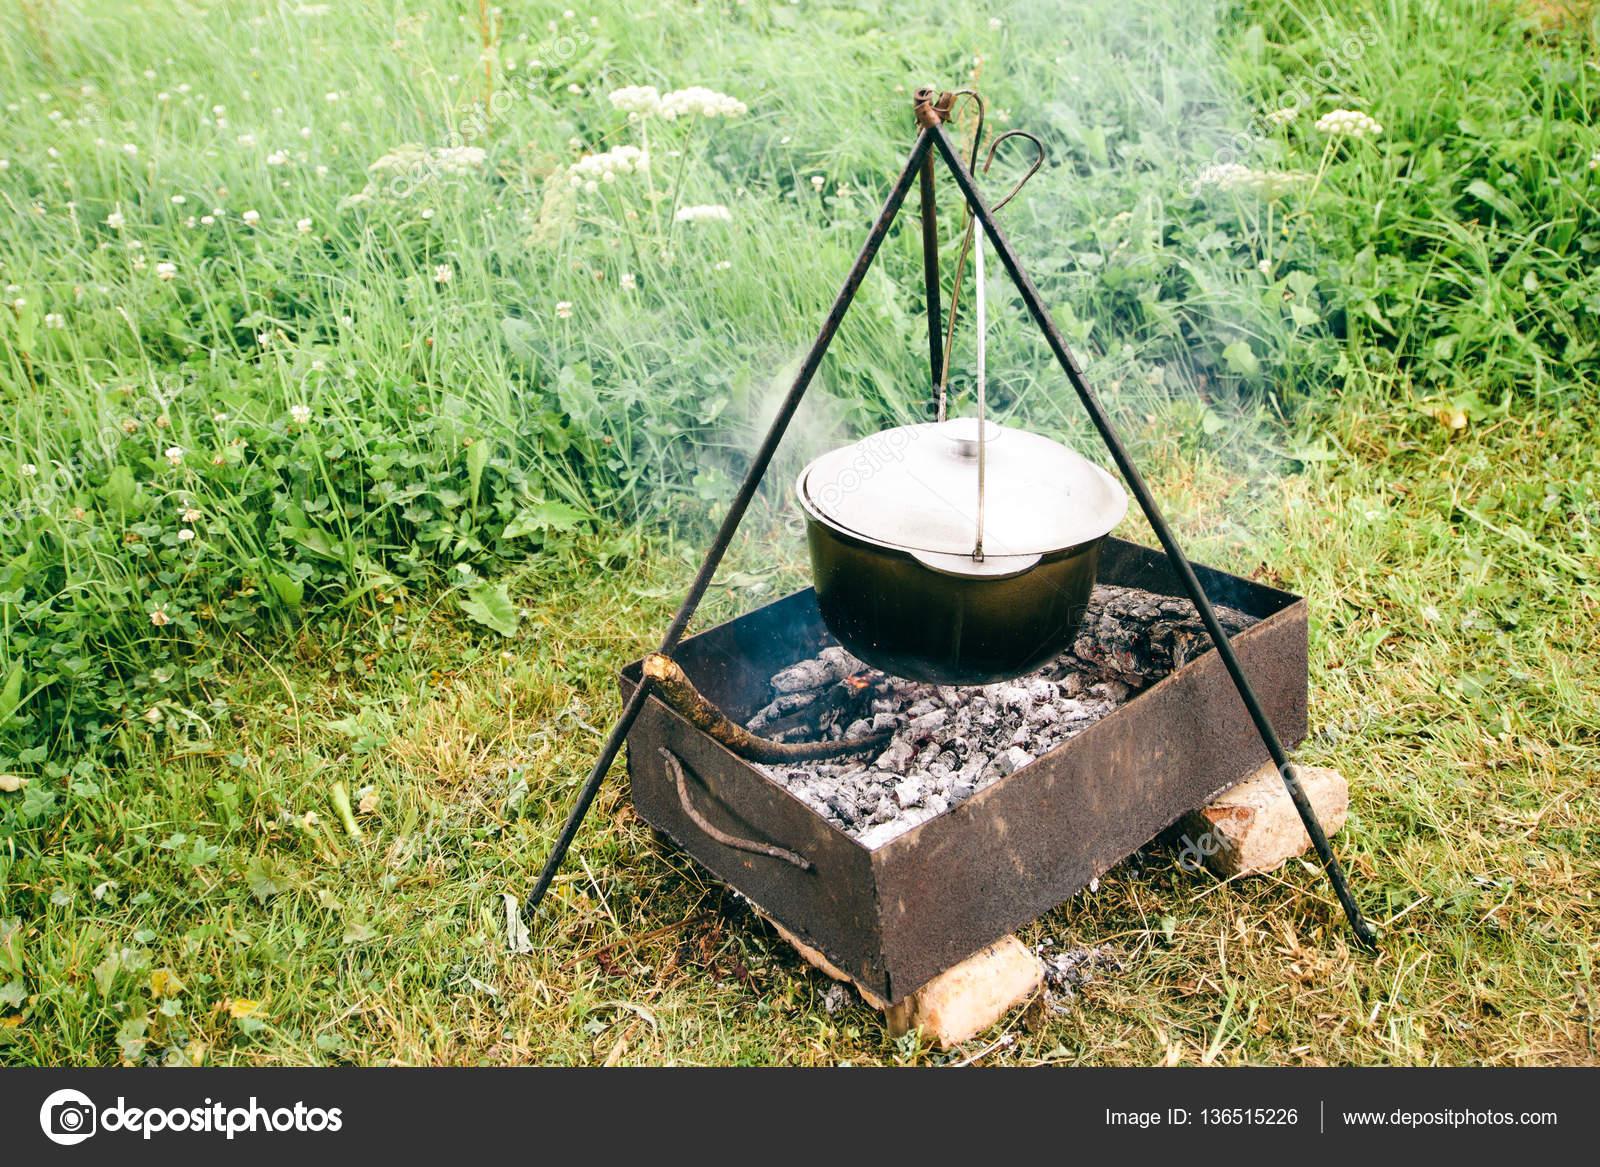 cucina da campo. la pentola sul fuoco. cucinare la zuppa all'aperto